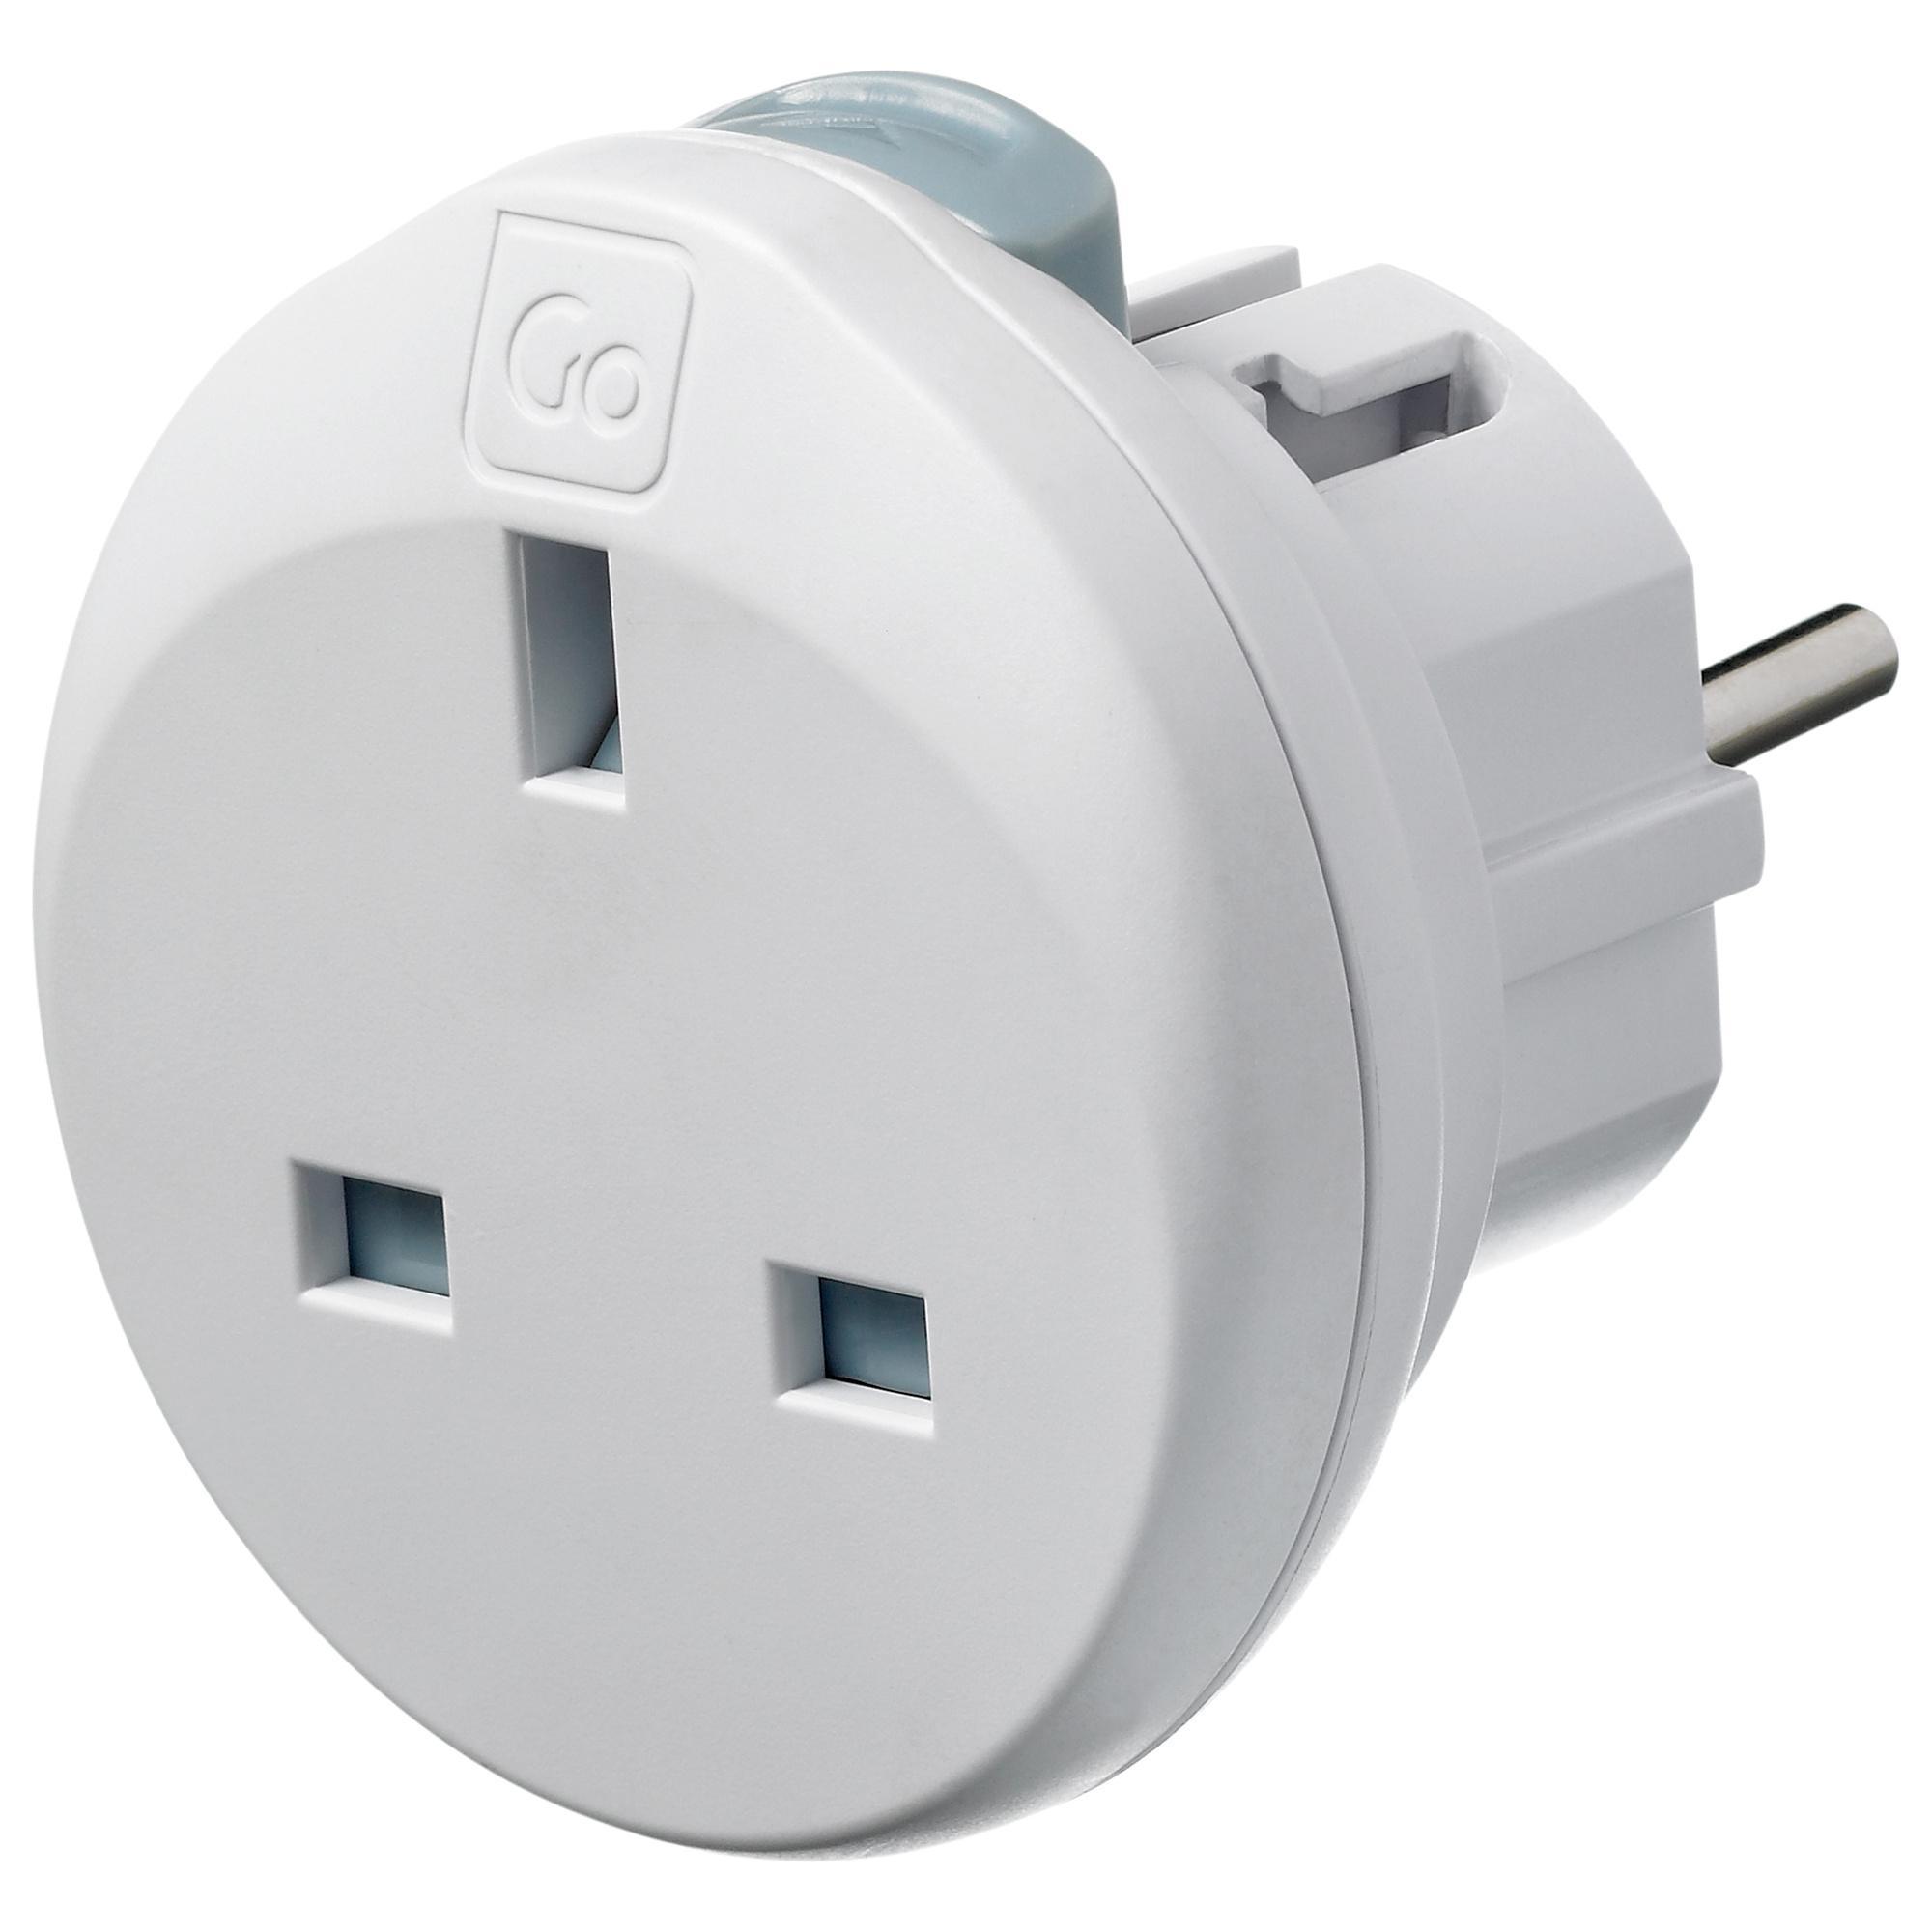 Design Go Mini Global Travel Adapter, White